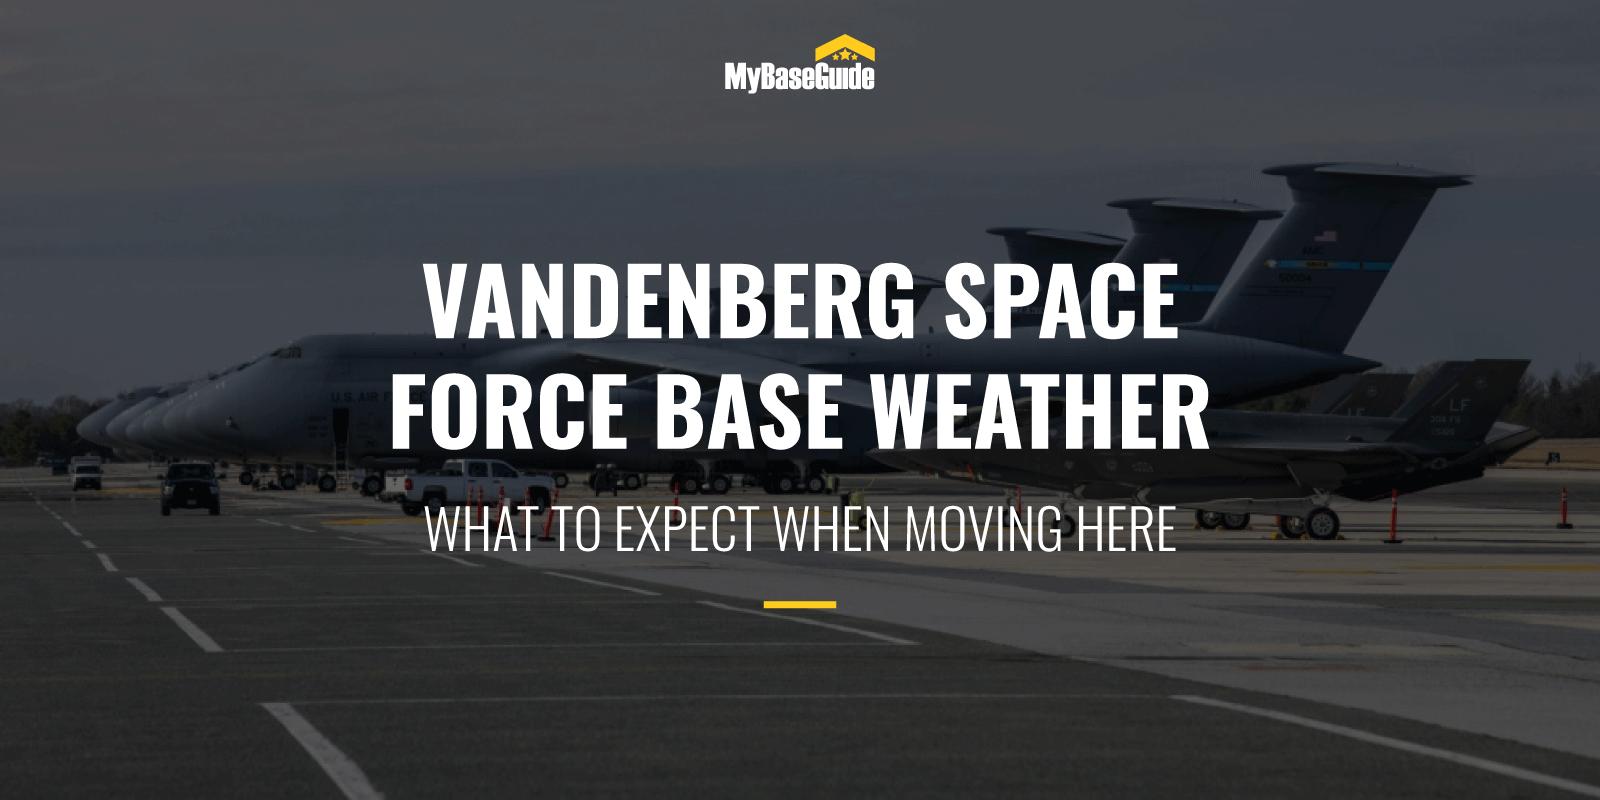 Vandenberg AFB Weather (Now Vandenberg Space Force Base)